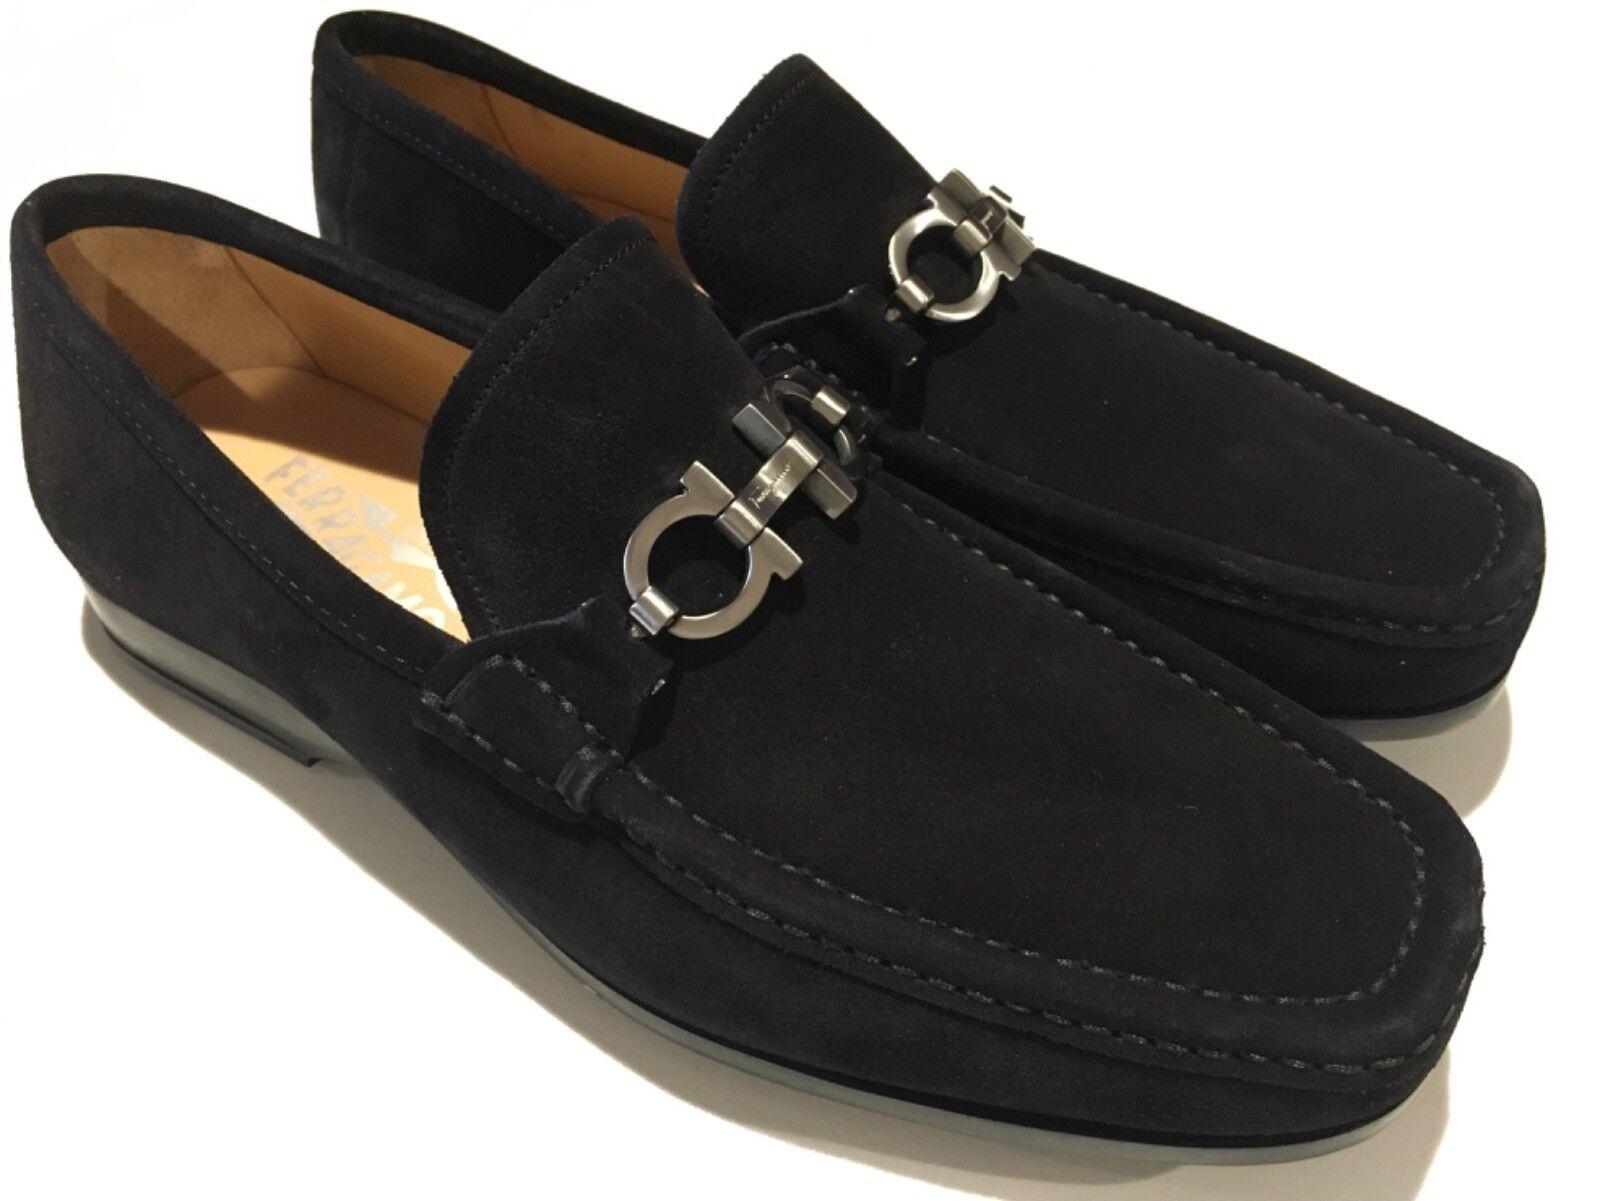 Nouveau SALVATORE FERRAGAMO en daim noir Gancini peu Homme Chaussure 7 UK 8 US